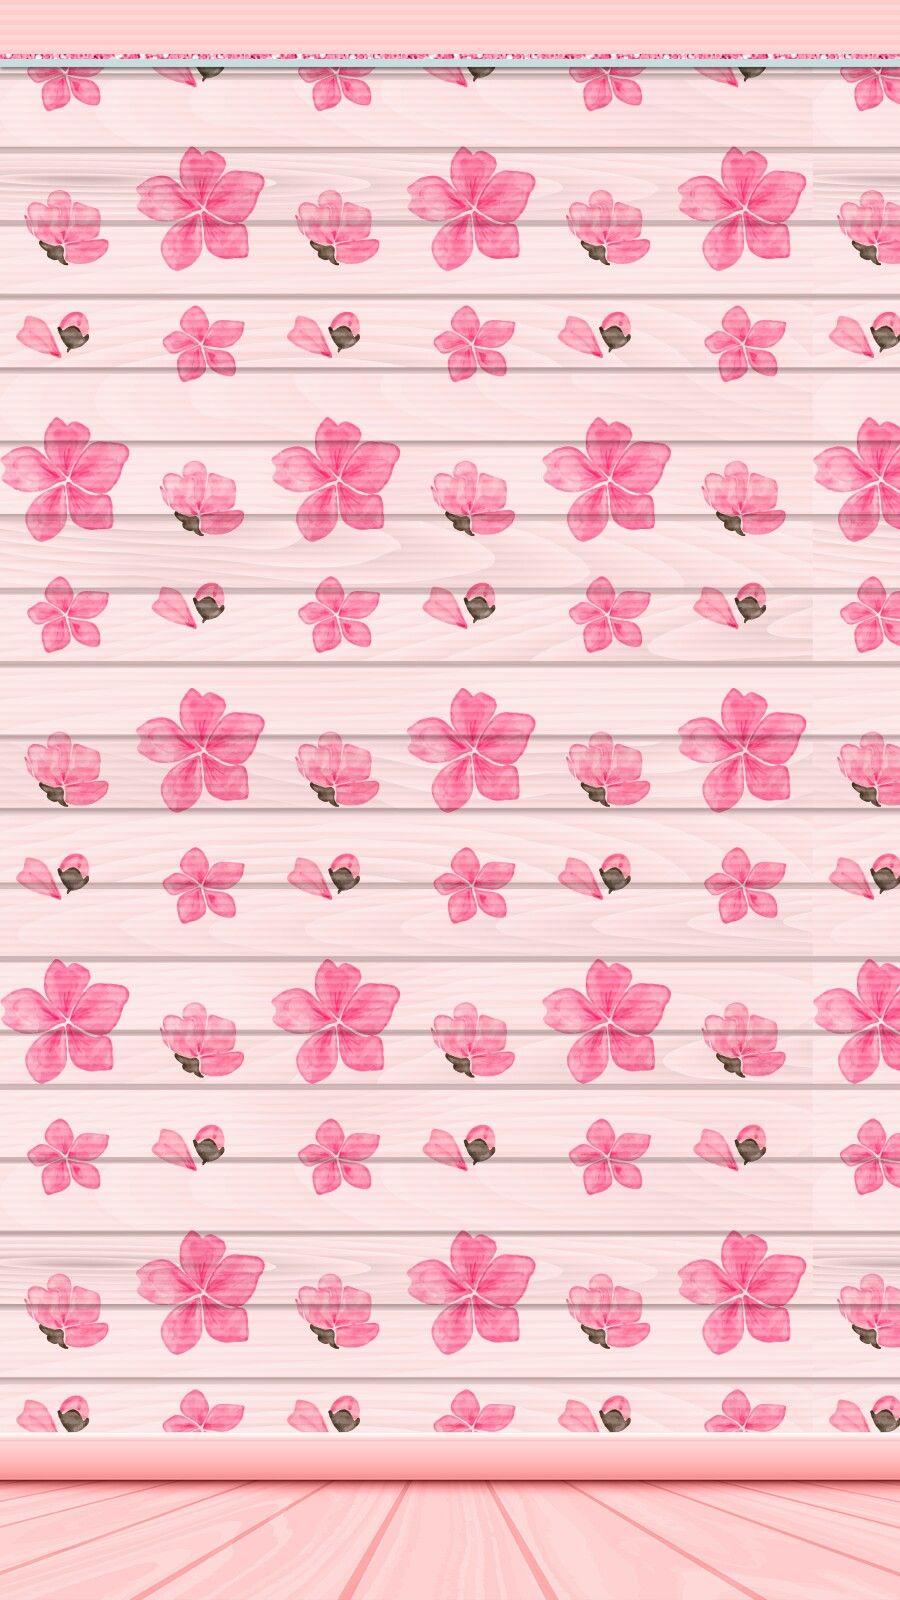 Download 99 Wallpaper Wa Iphone Lucu Gratis Terbaik